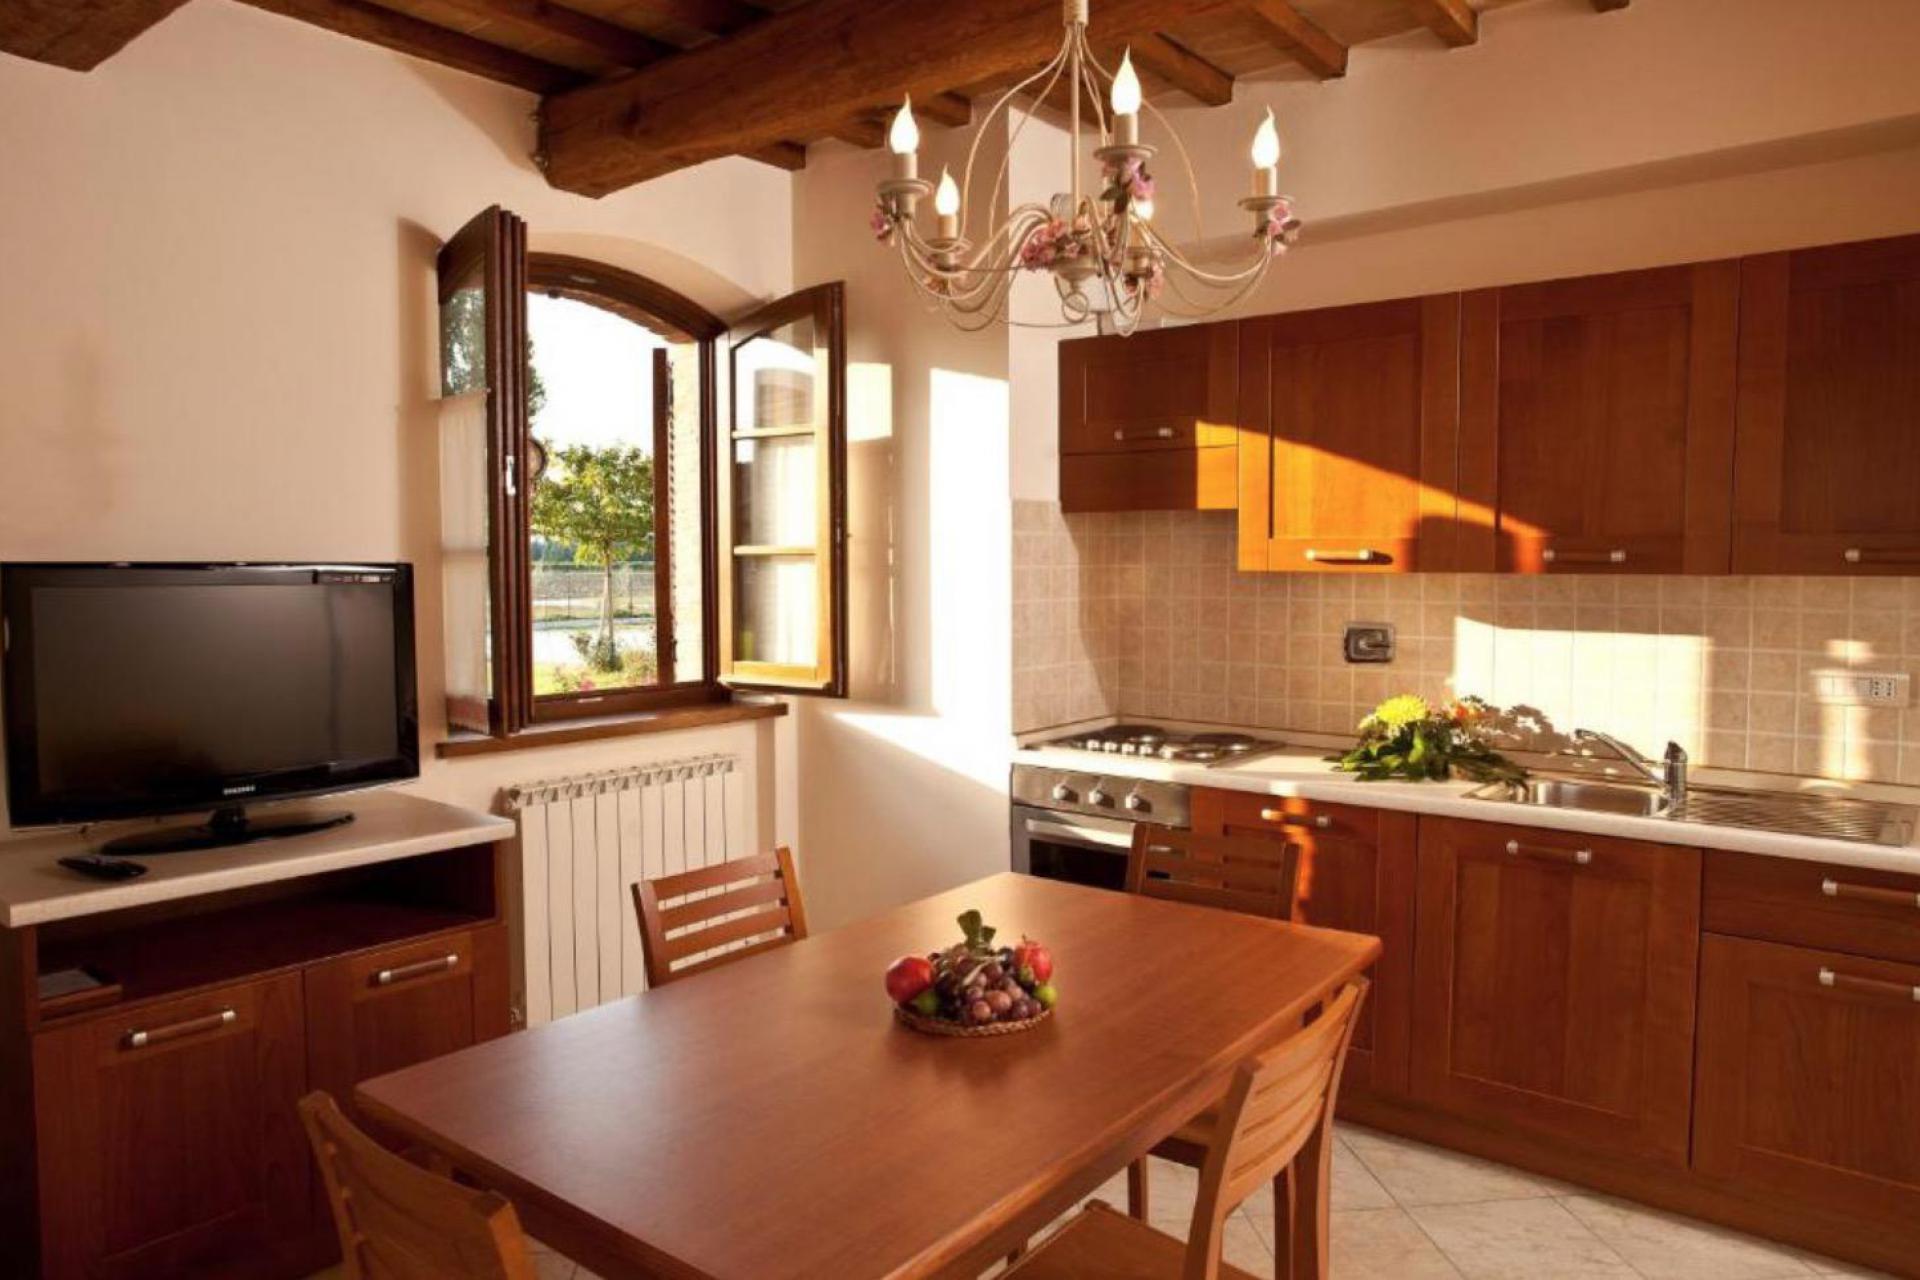 Agriturismo Umbria Agriturismo in Assisi in Umbria with charming interior